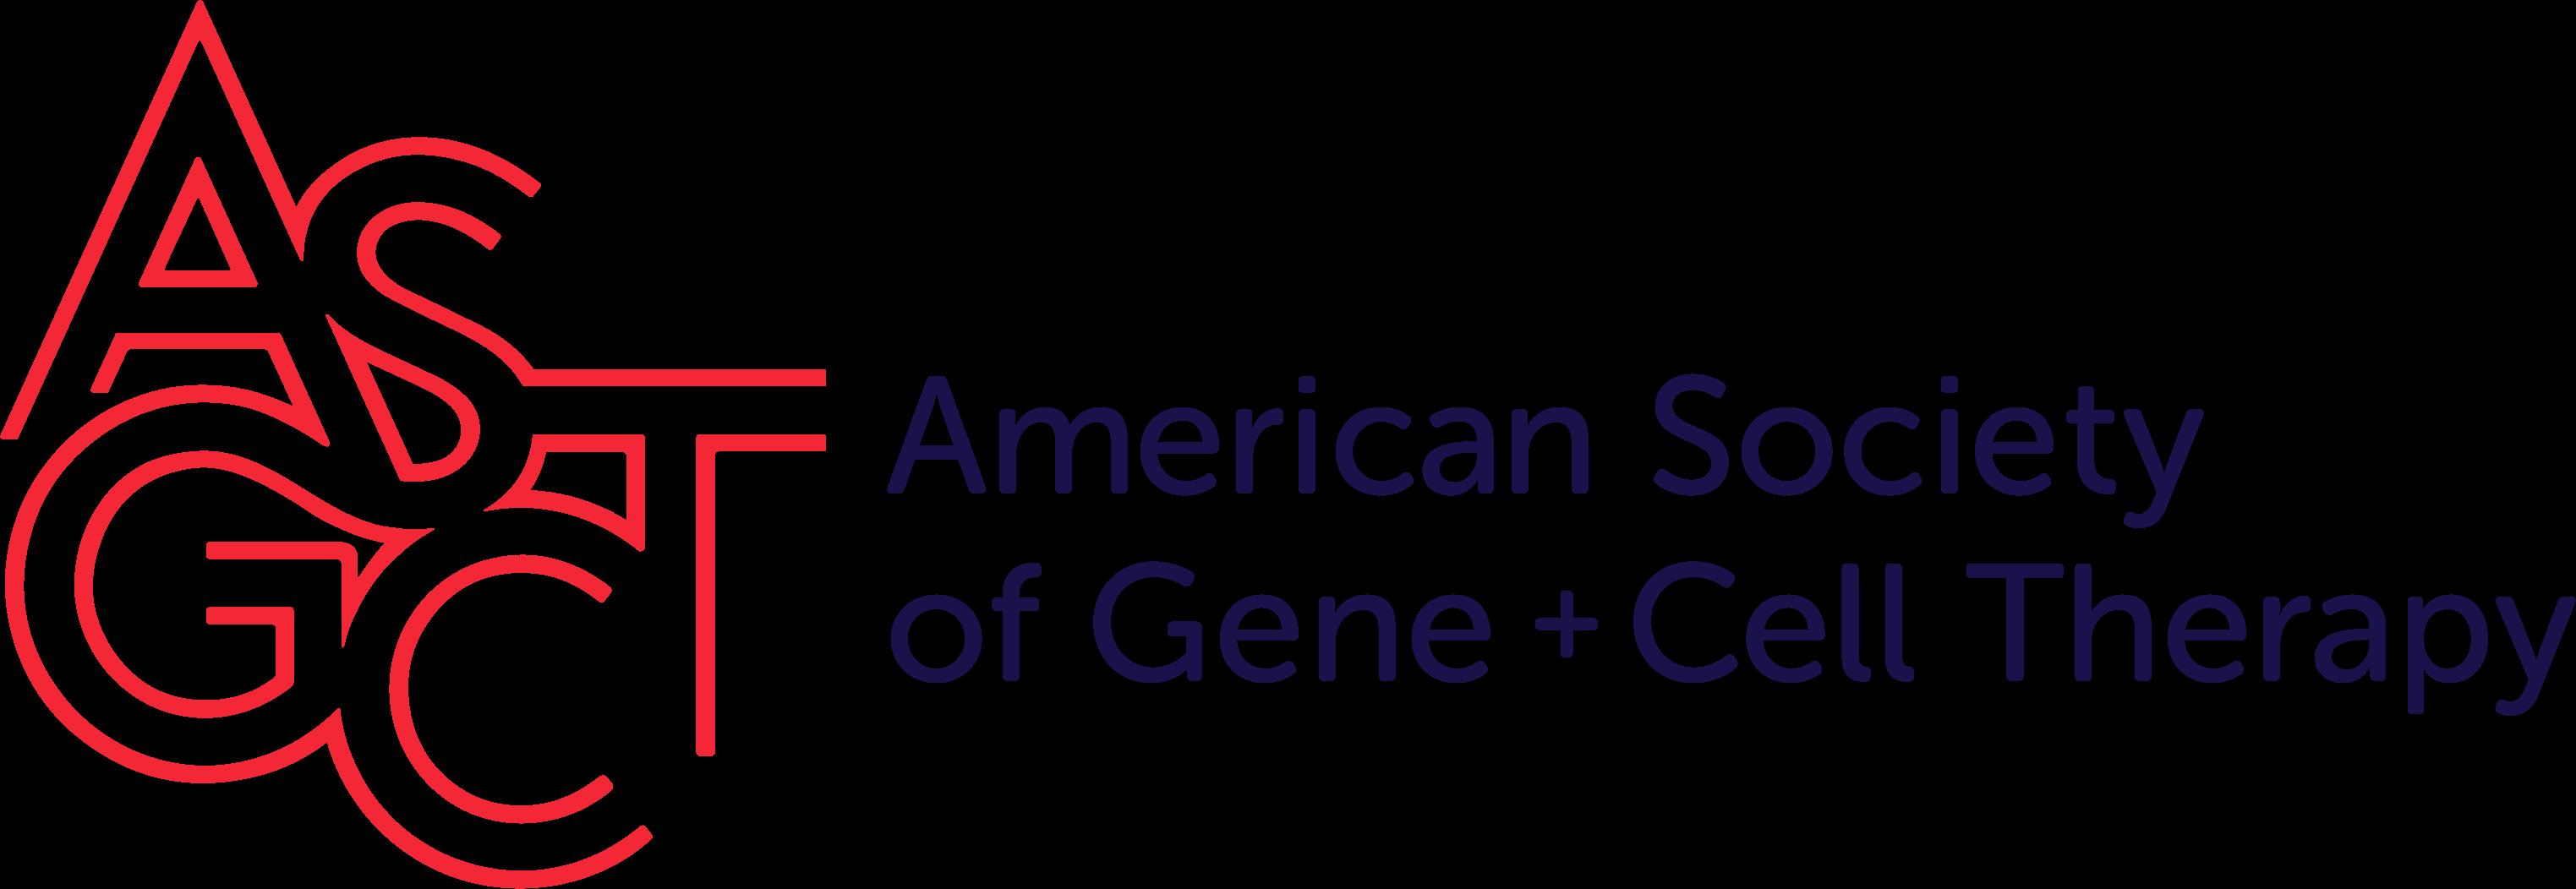 Risultati immagini per American Society of Gene & Cell Therapy pompe disease